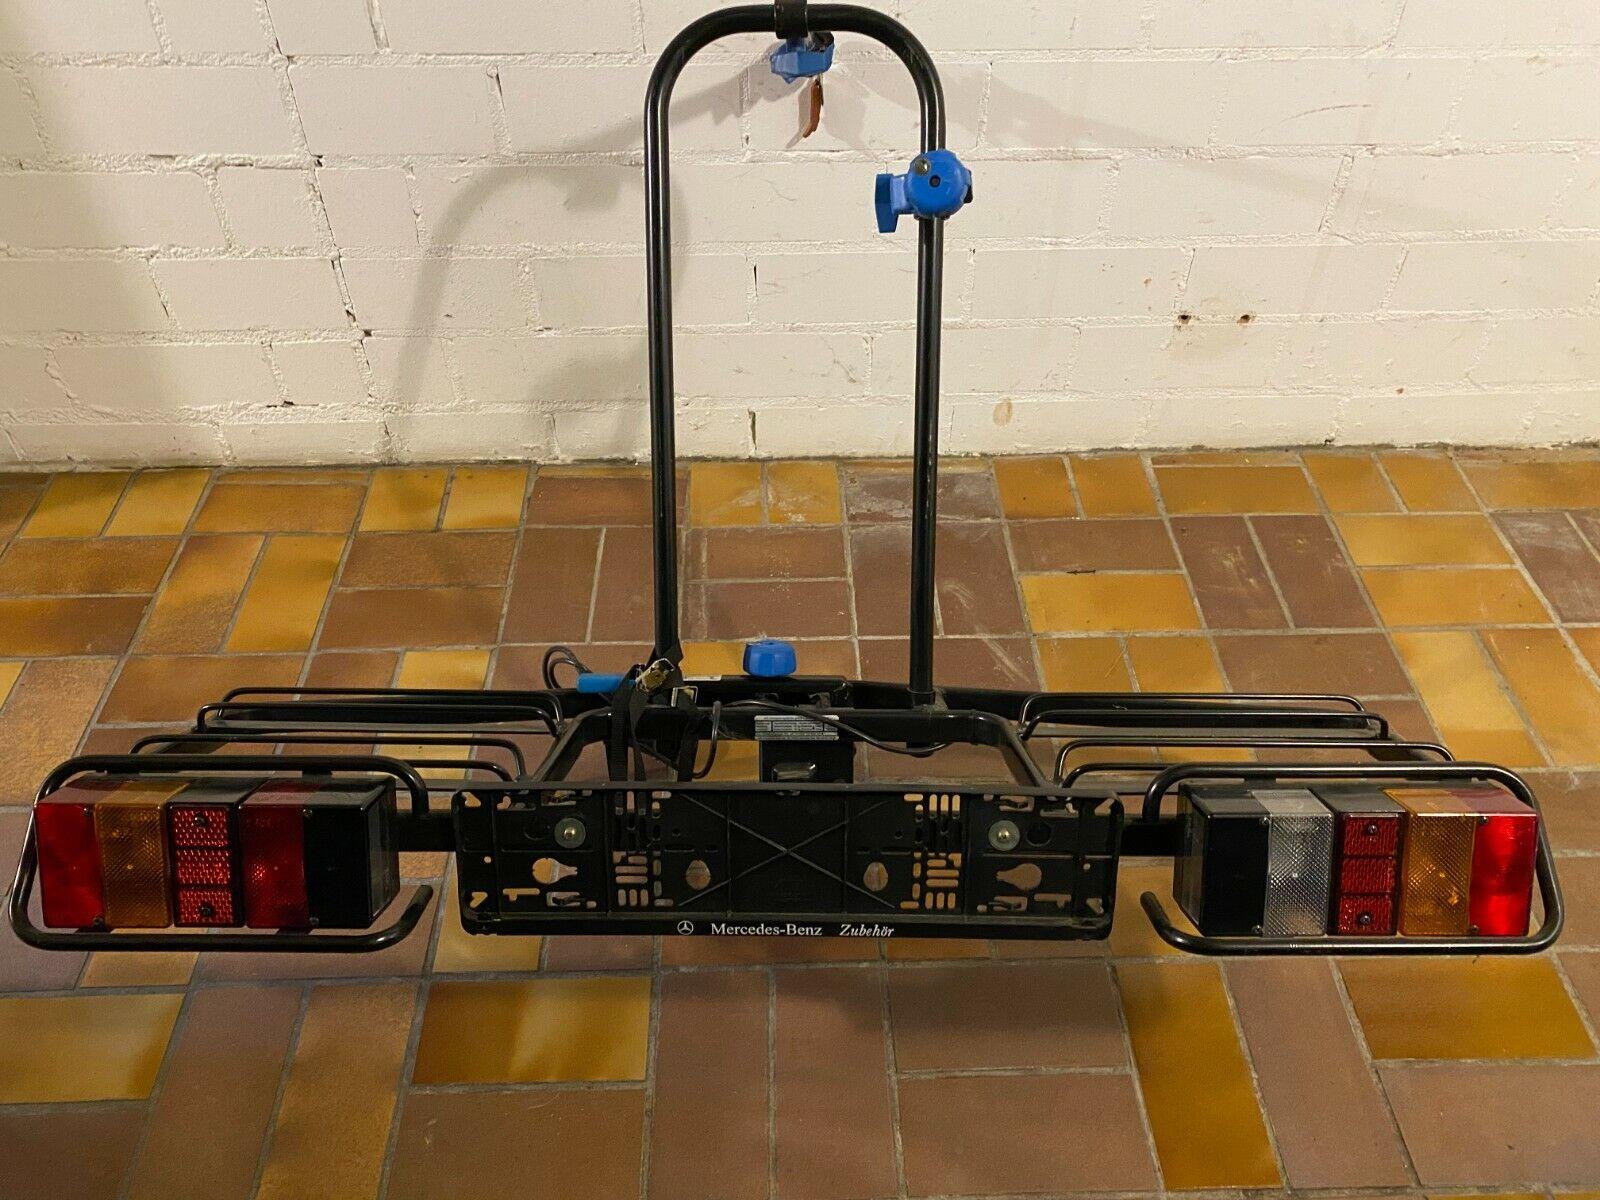 MFT Fahrradträger Heckträger für 2 Fahrräder auf die Anhängerkupplung, gebraucht